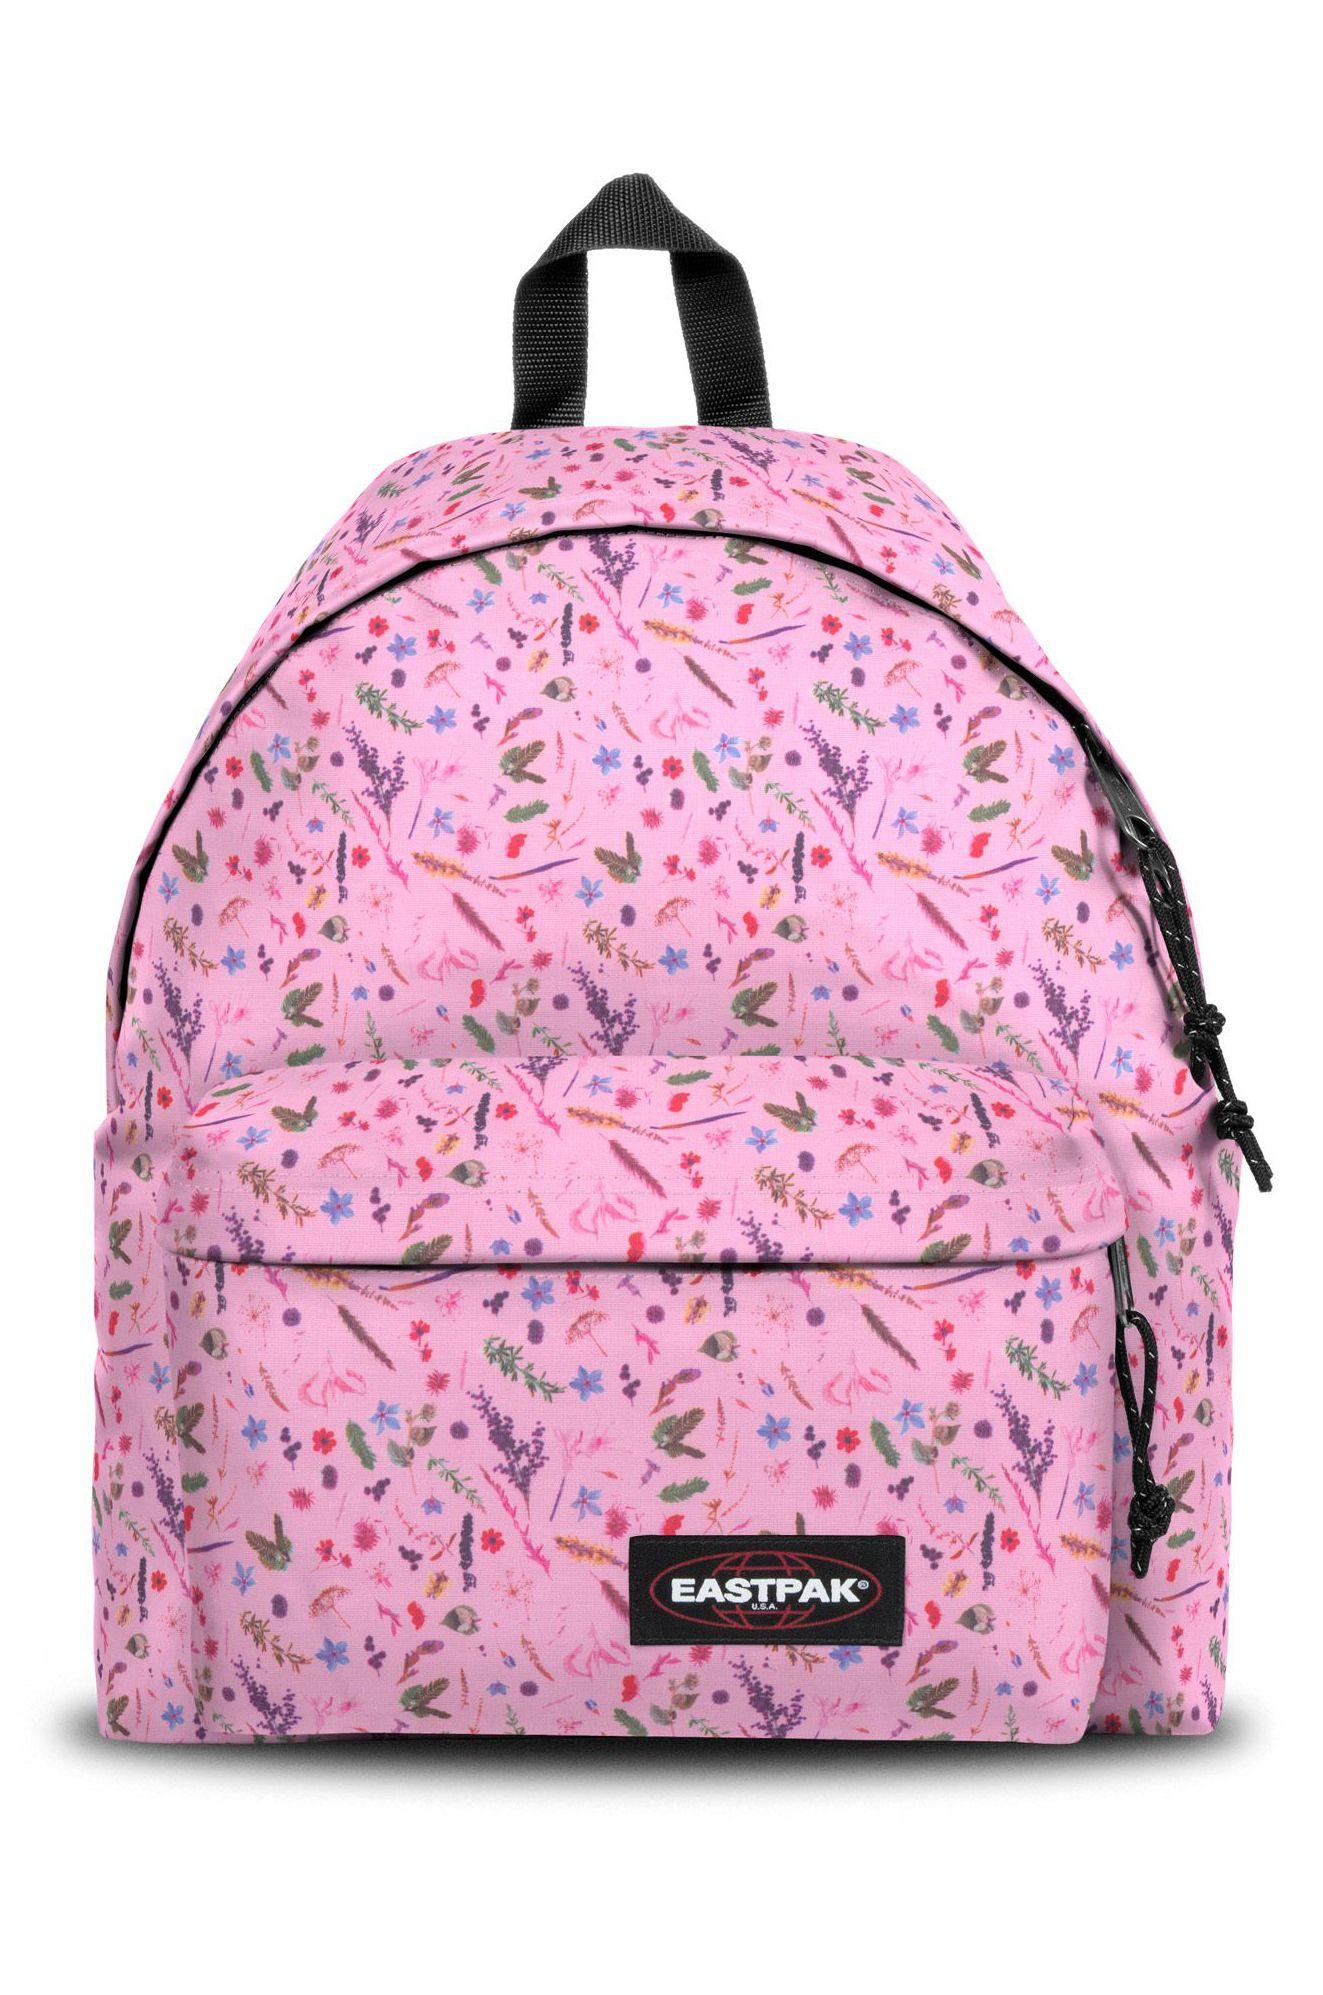 Eastpak Backpack PADDED PAK'R Herbs Pink